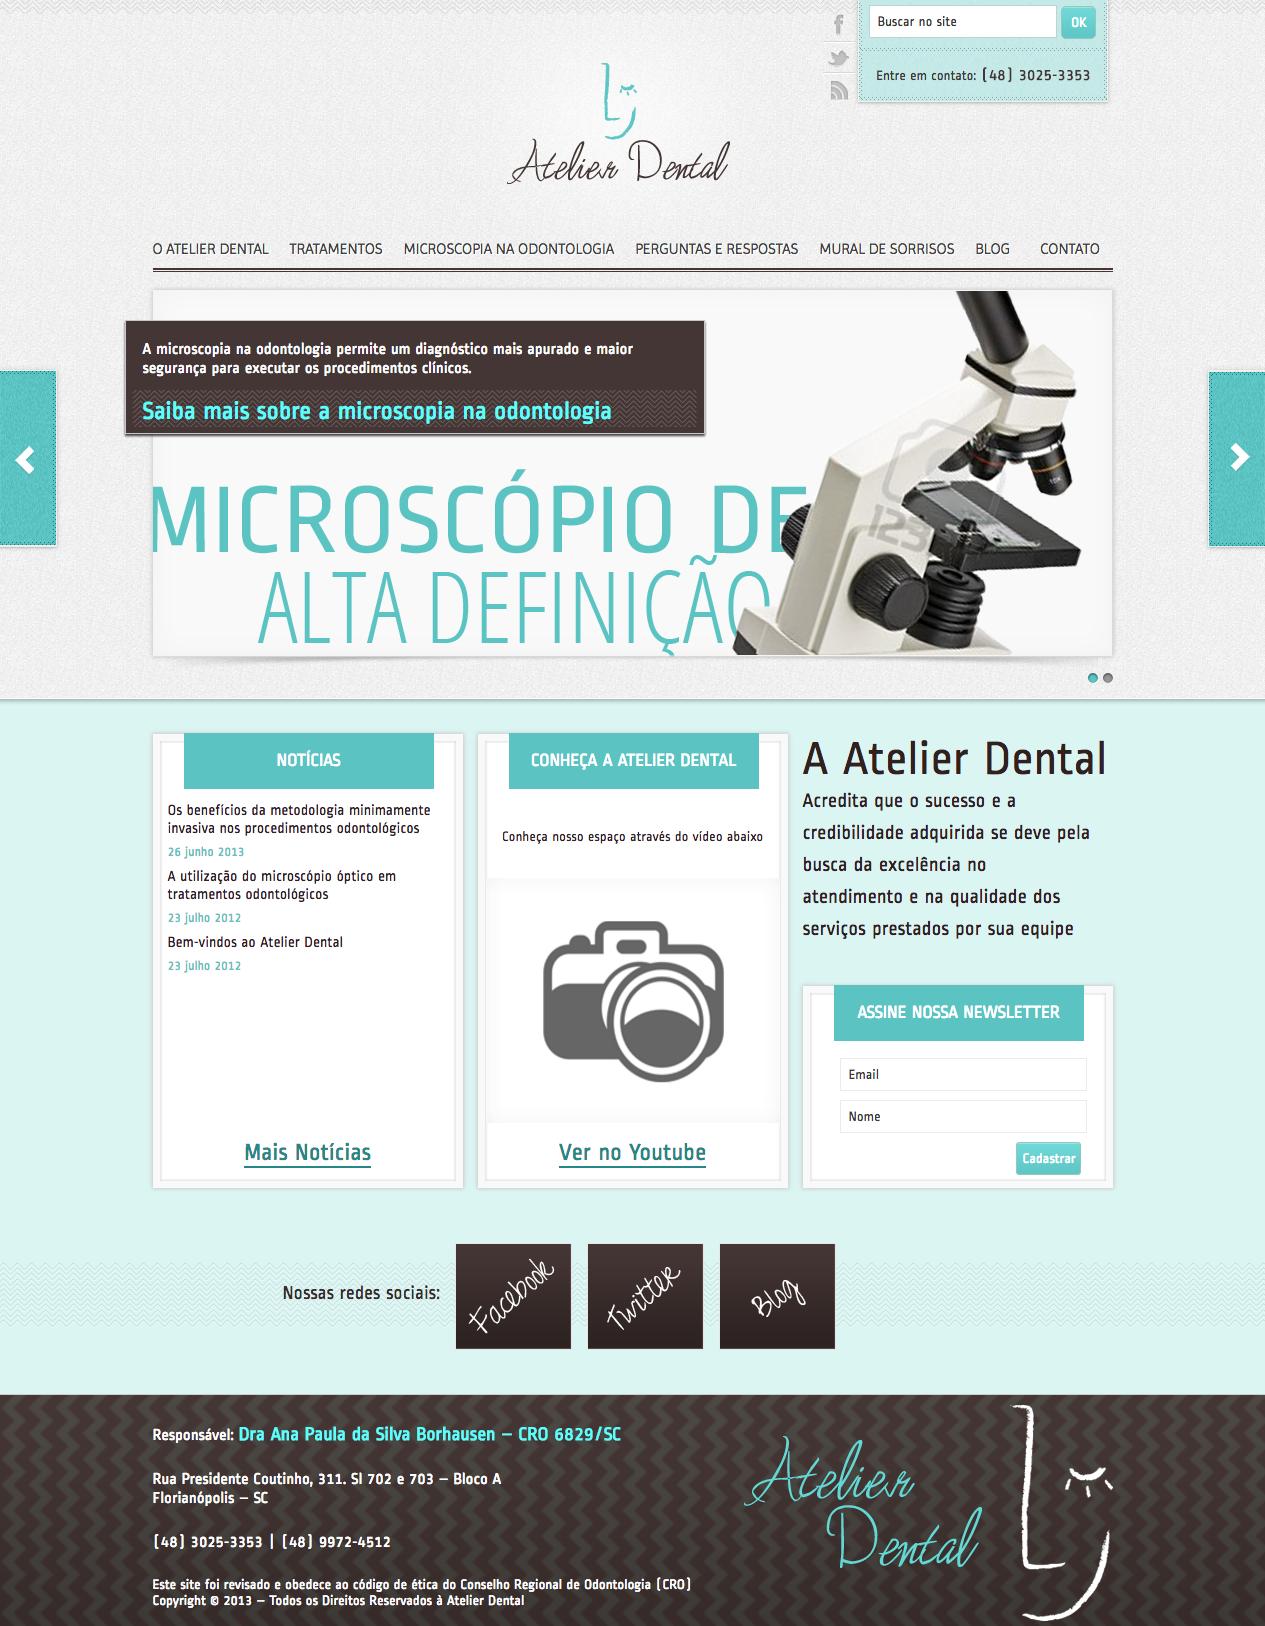 Atelier Dental